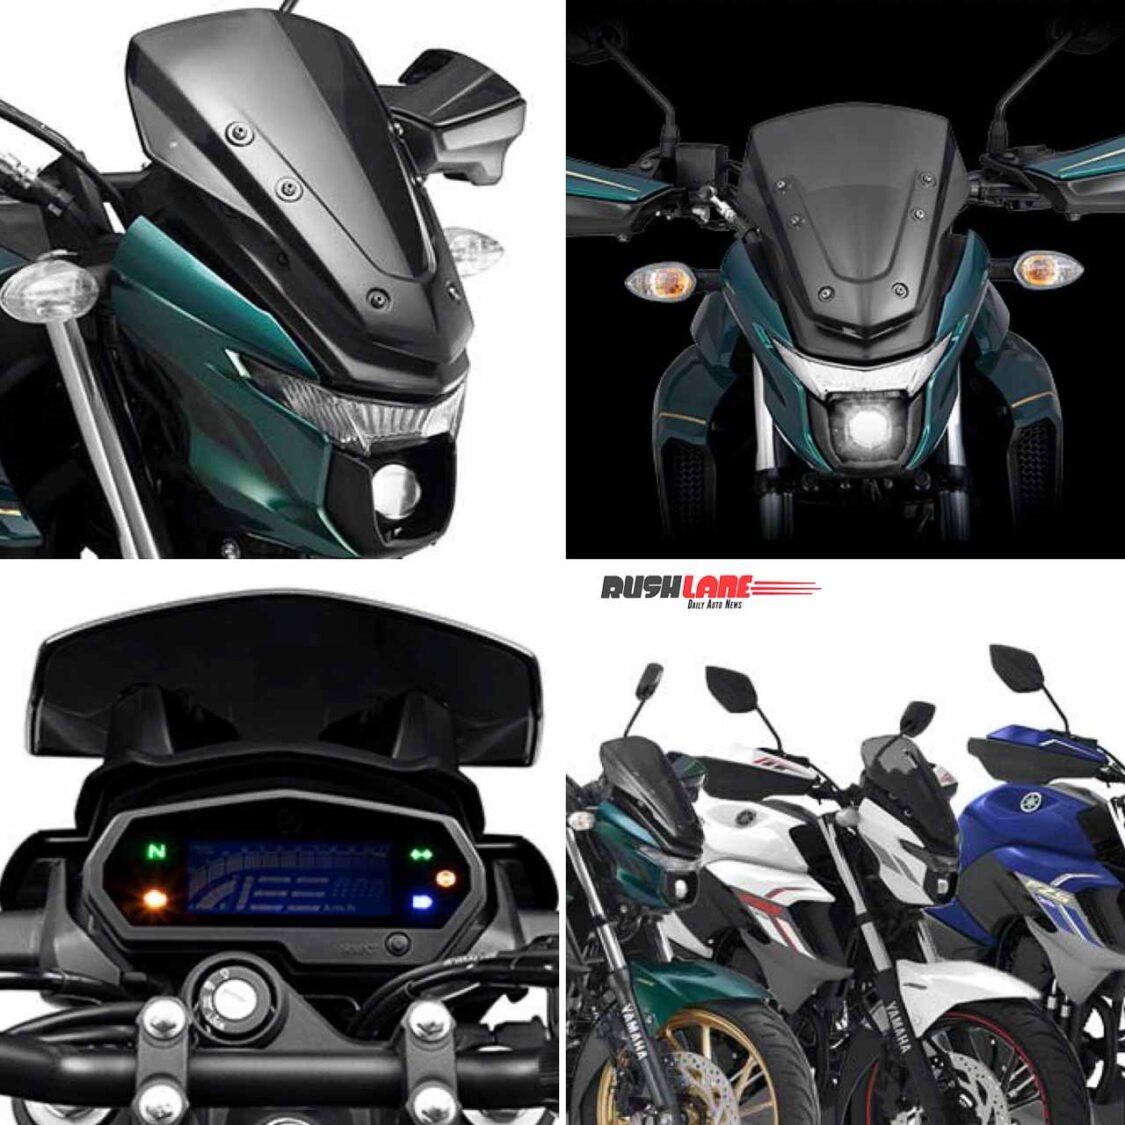 2020 Yamaha FZ25 BS6